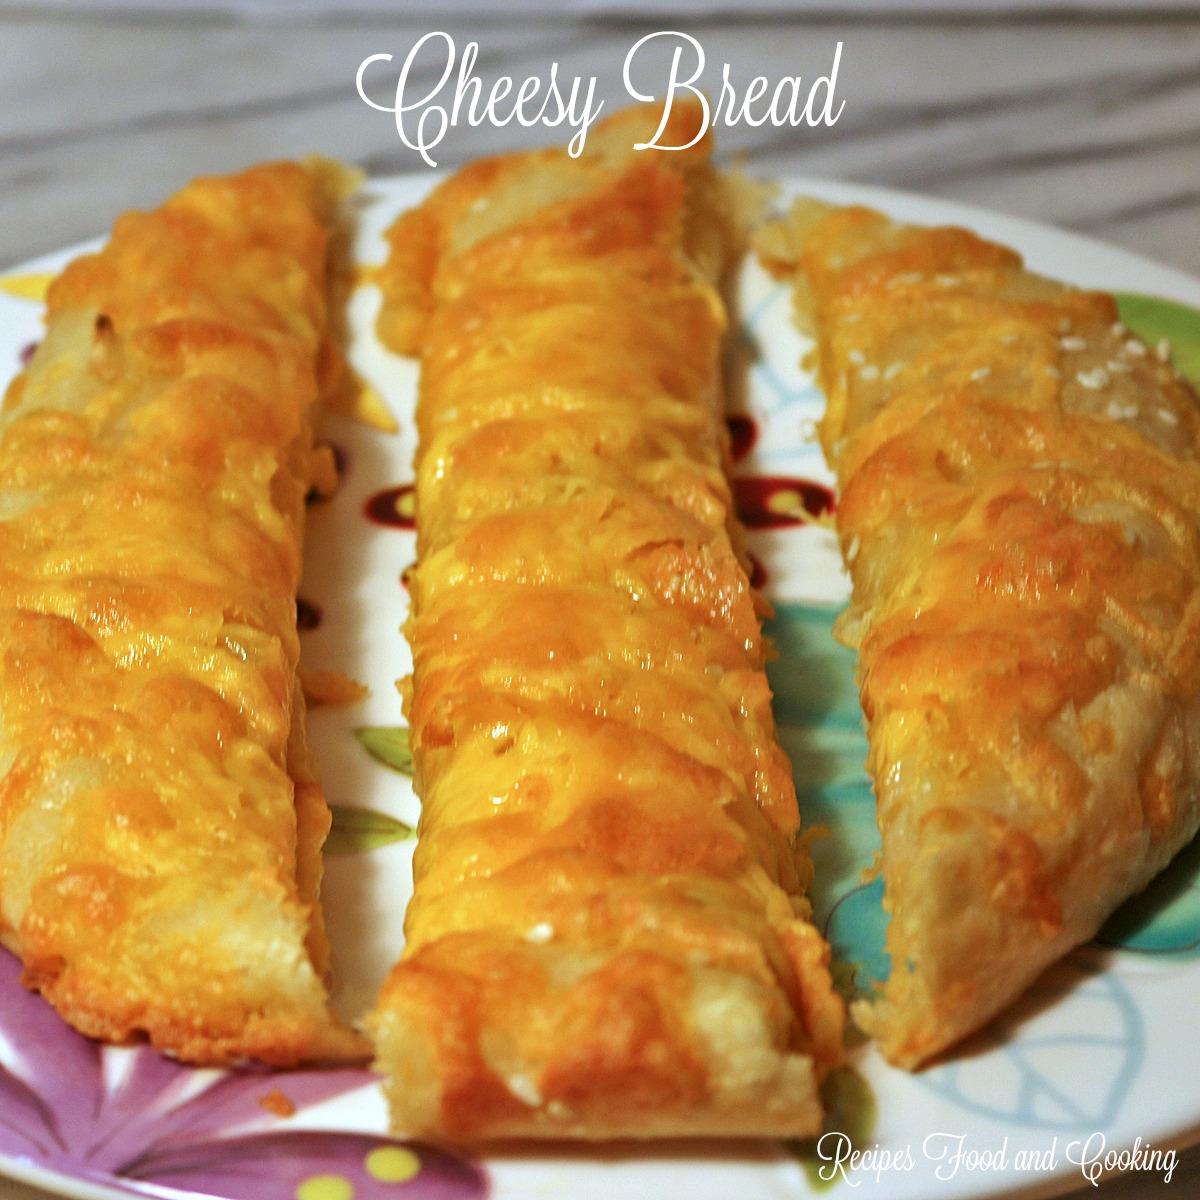 Cheddar Cheese Cheesy Bread